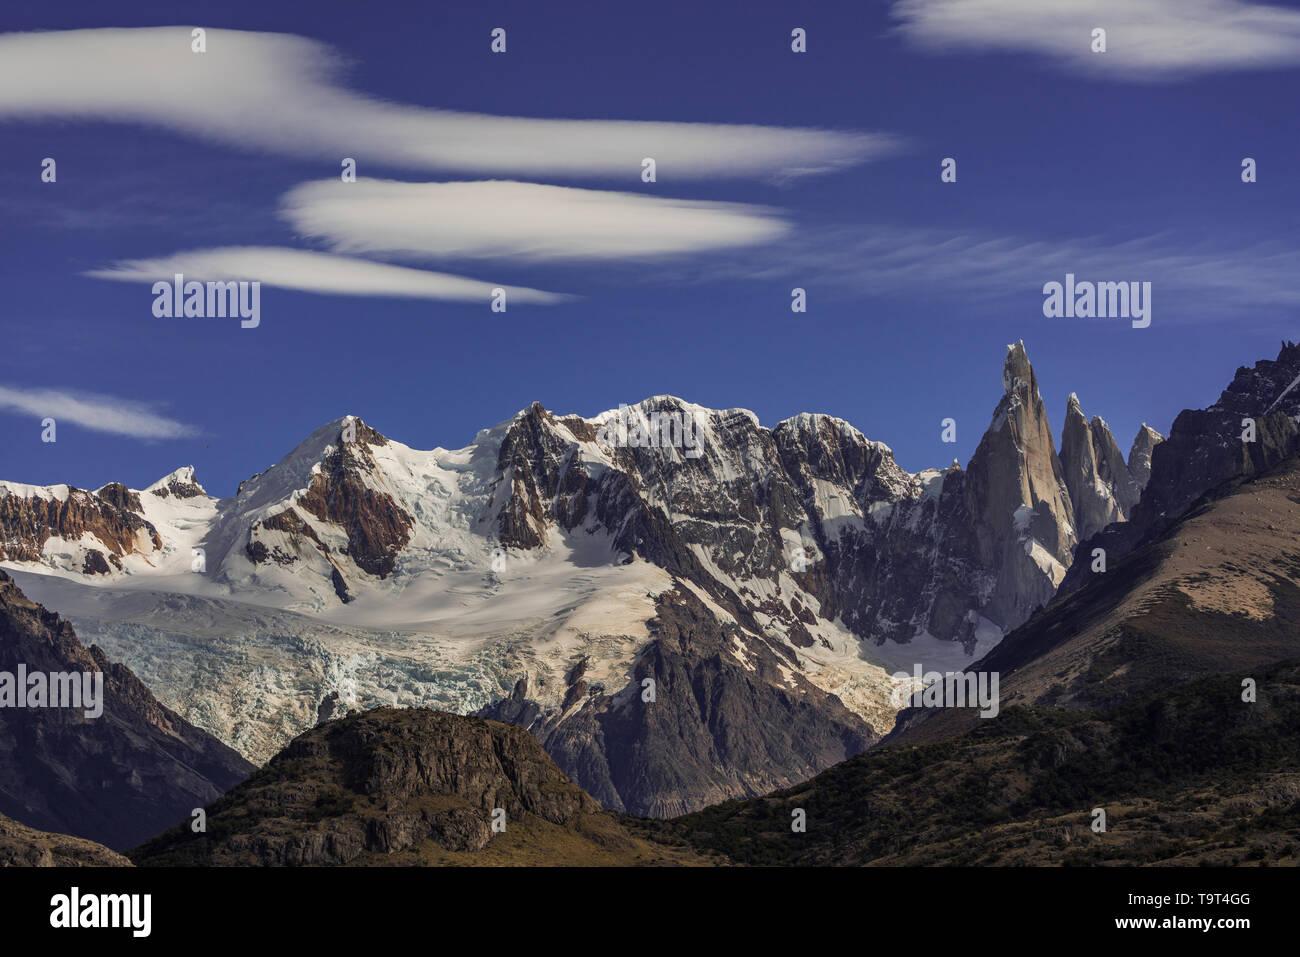 Nubes lenticulares formando sobre el macizo de Adela y el Cerro Torre en el Parque Nacional Los Glaciares, cerca de El Chaltén, Argentina. Patrimonio Mundial de la UNESCO Si Foto de stock